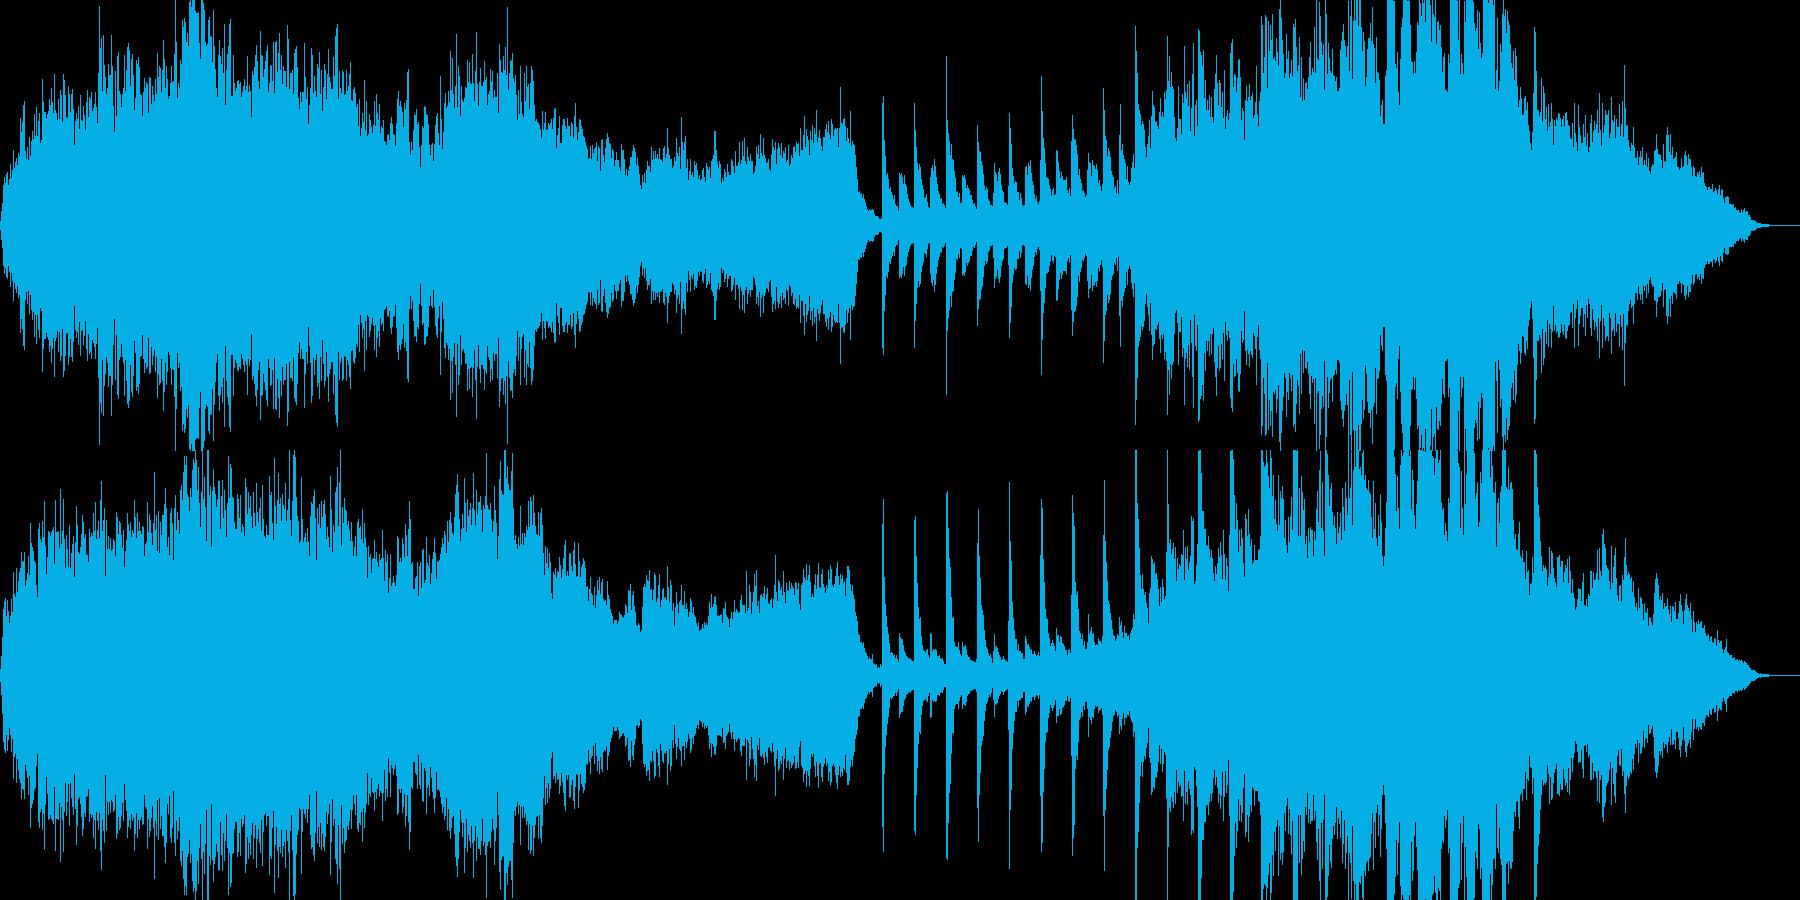 壮大なストリングスオーケストラ曲の再生済みの波形